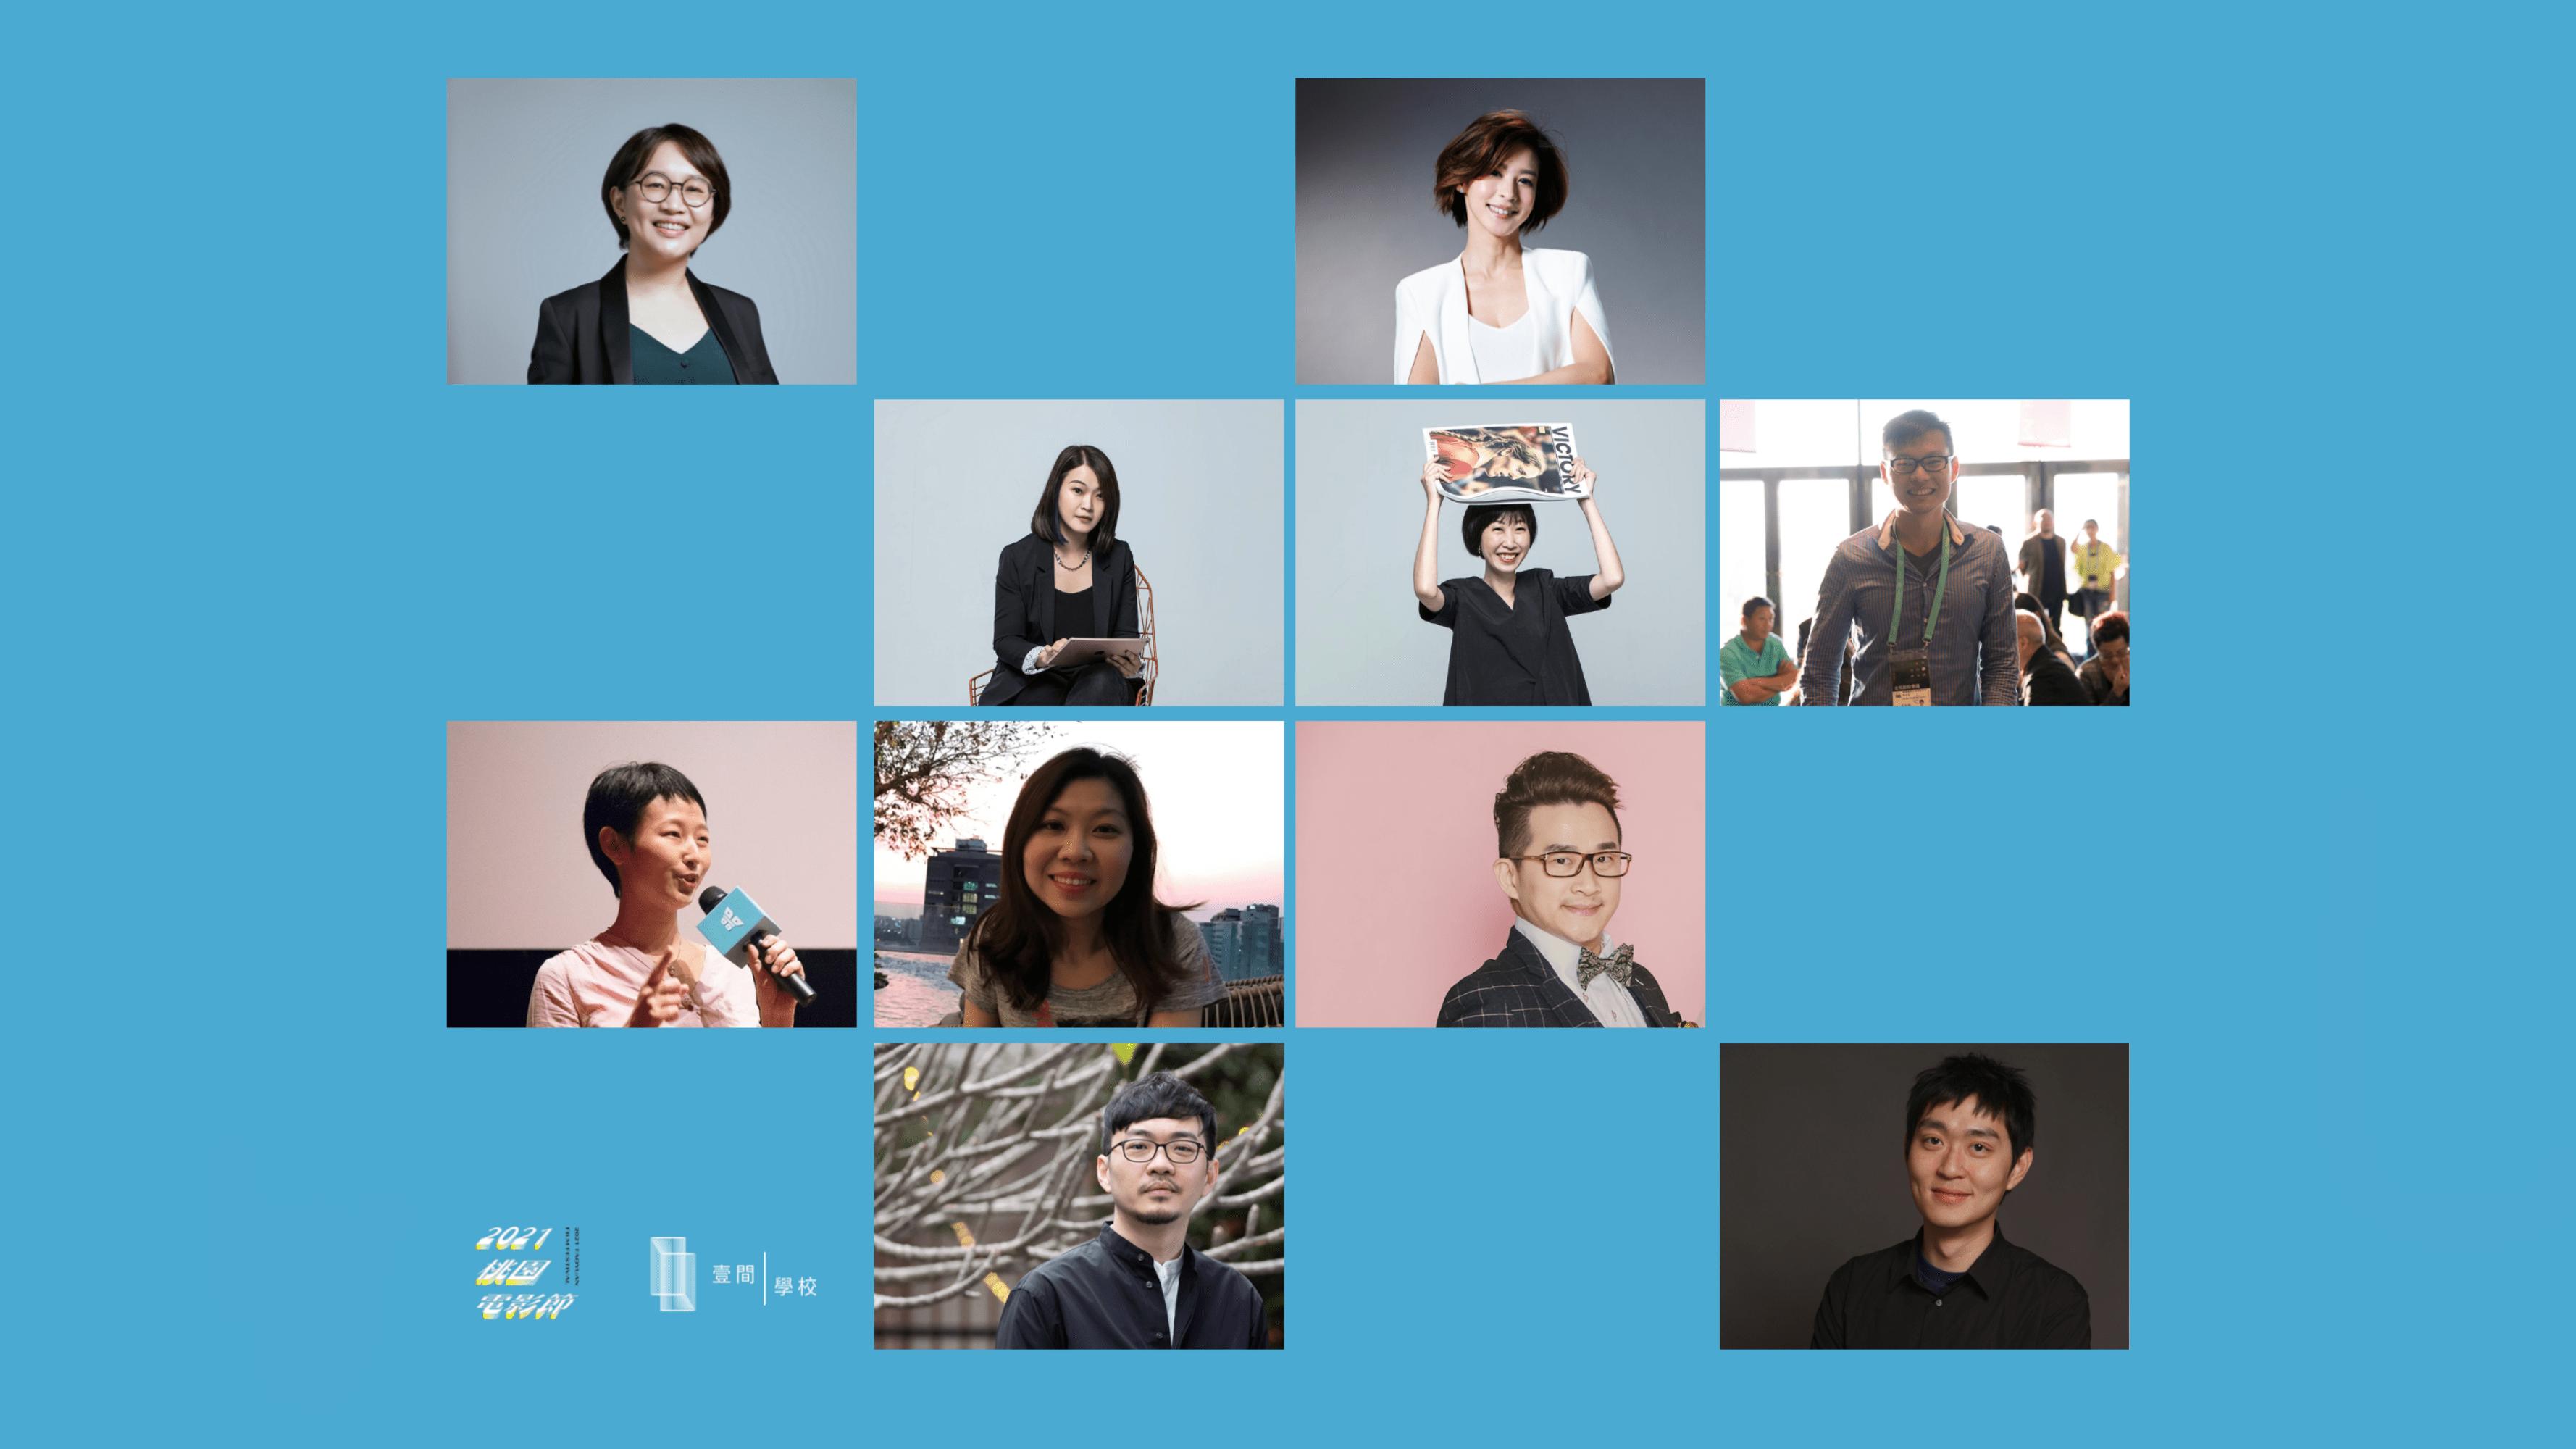 2021桃園電影節 青少年評審團 課後分享 – 學習成長,努力克服